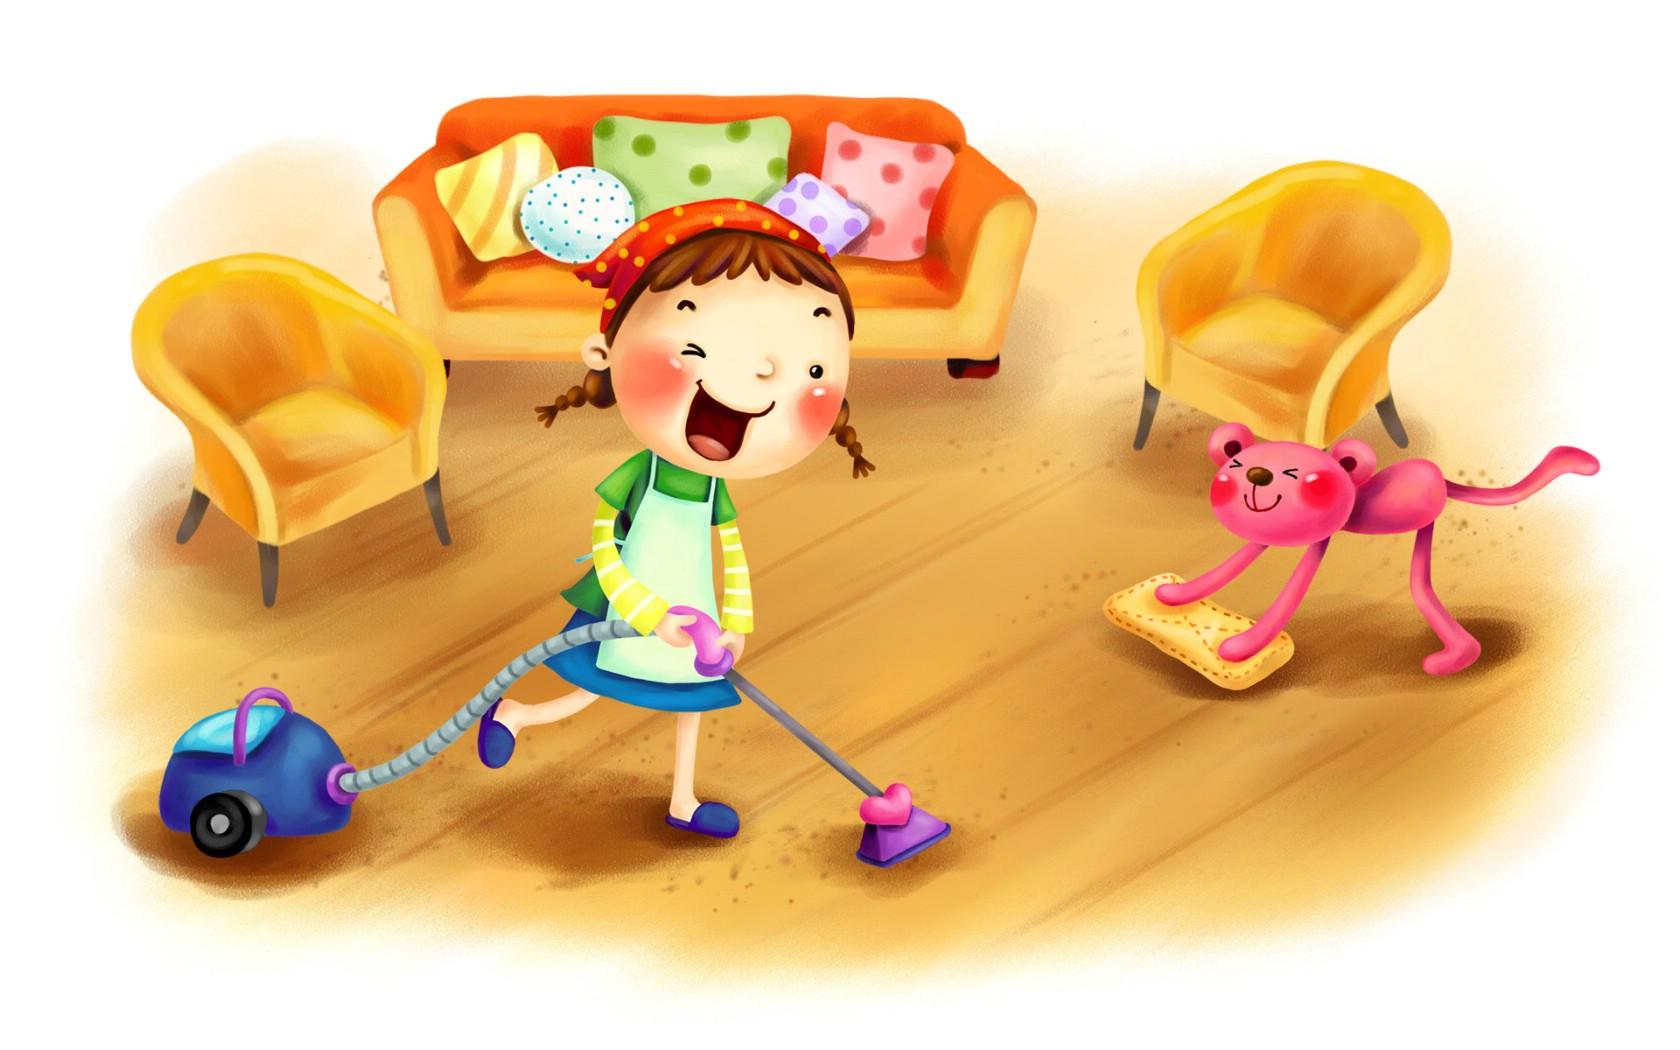 可爱儿童卡通壁纸壁纸,宽屏可爱儿童卡通壁纸壁纸